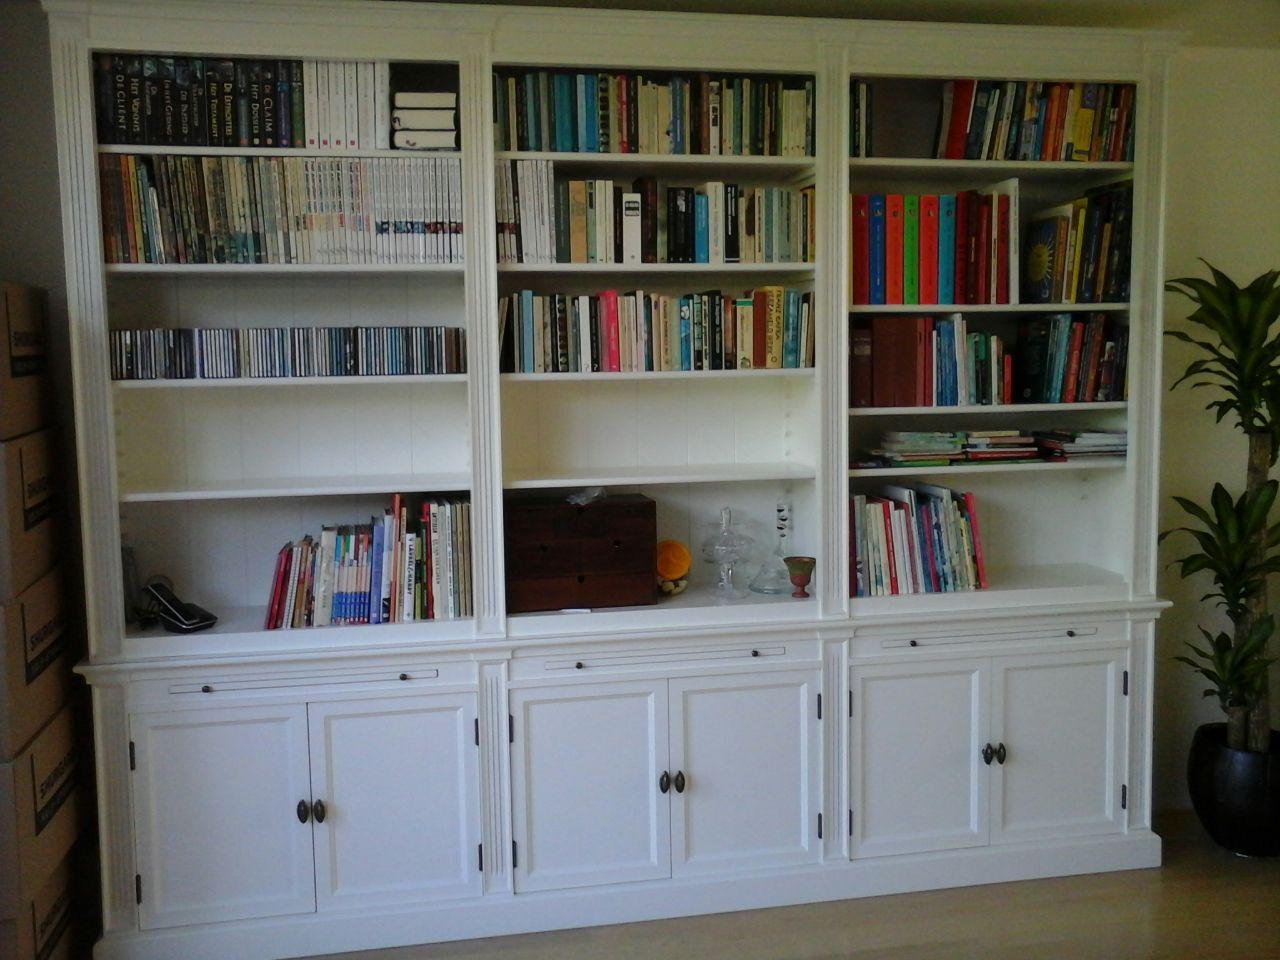 Boekenkast Op Maat Almere.Landelijke Boekenkast Bo 3 M Almere